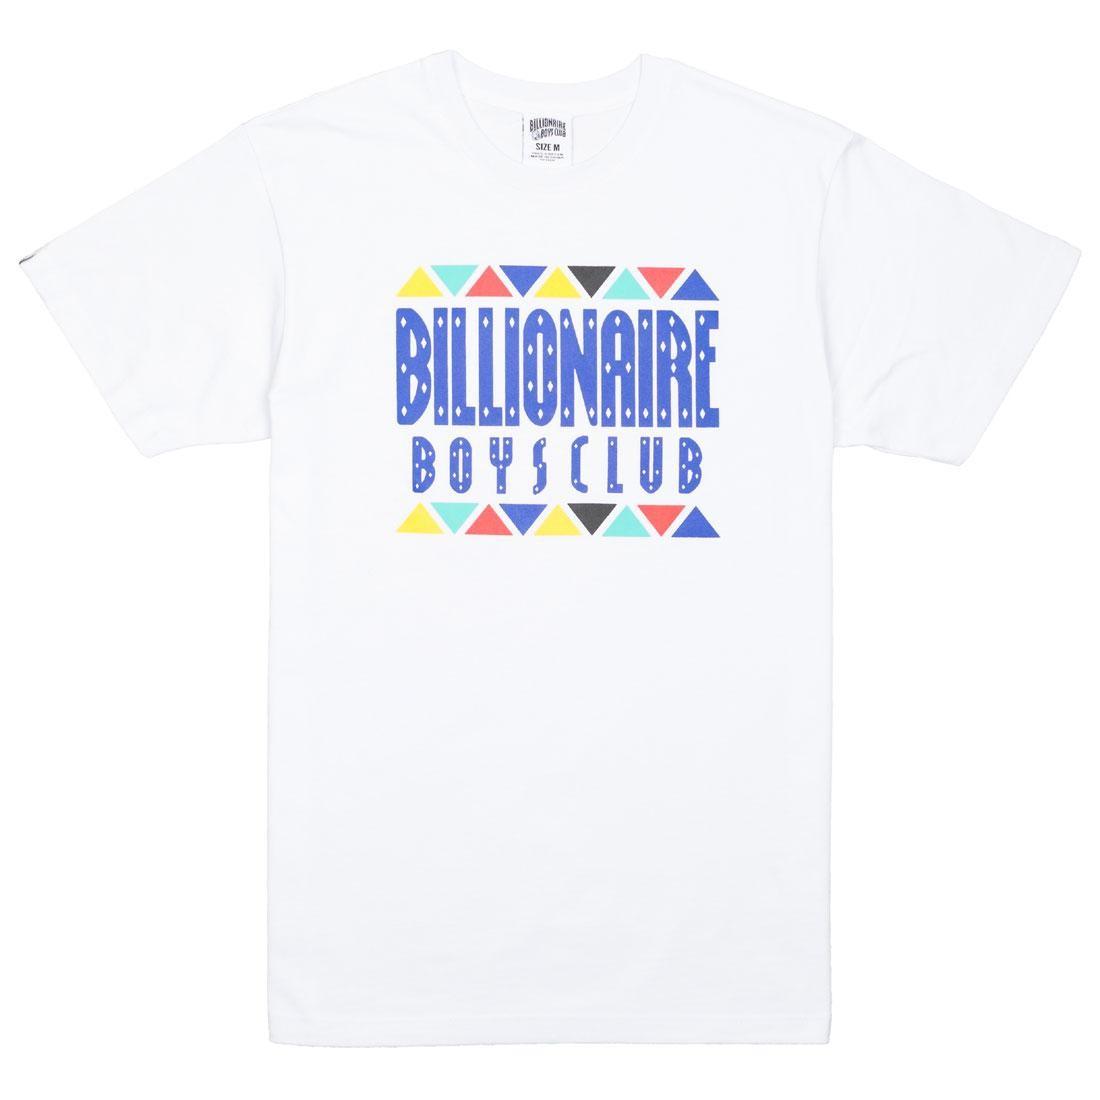 ビリオネアボーイズクラブ BILLIONAIRE BOYS CLUB クラブ トライブ ニット Tシャツ 白 ホワイト 【 WHITE BILLIONAIRE BOYS CLUB MEN TRIBE KNIT TEE 】 メンズファッション トップス Tシャツ カットソー